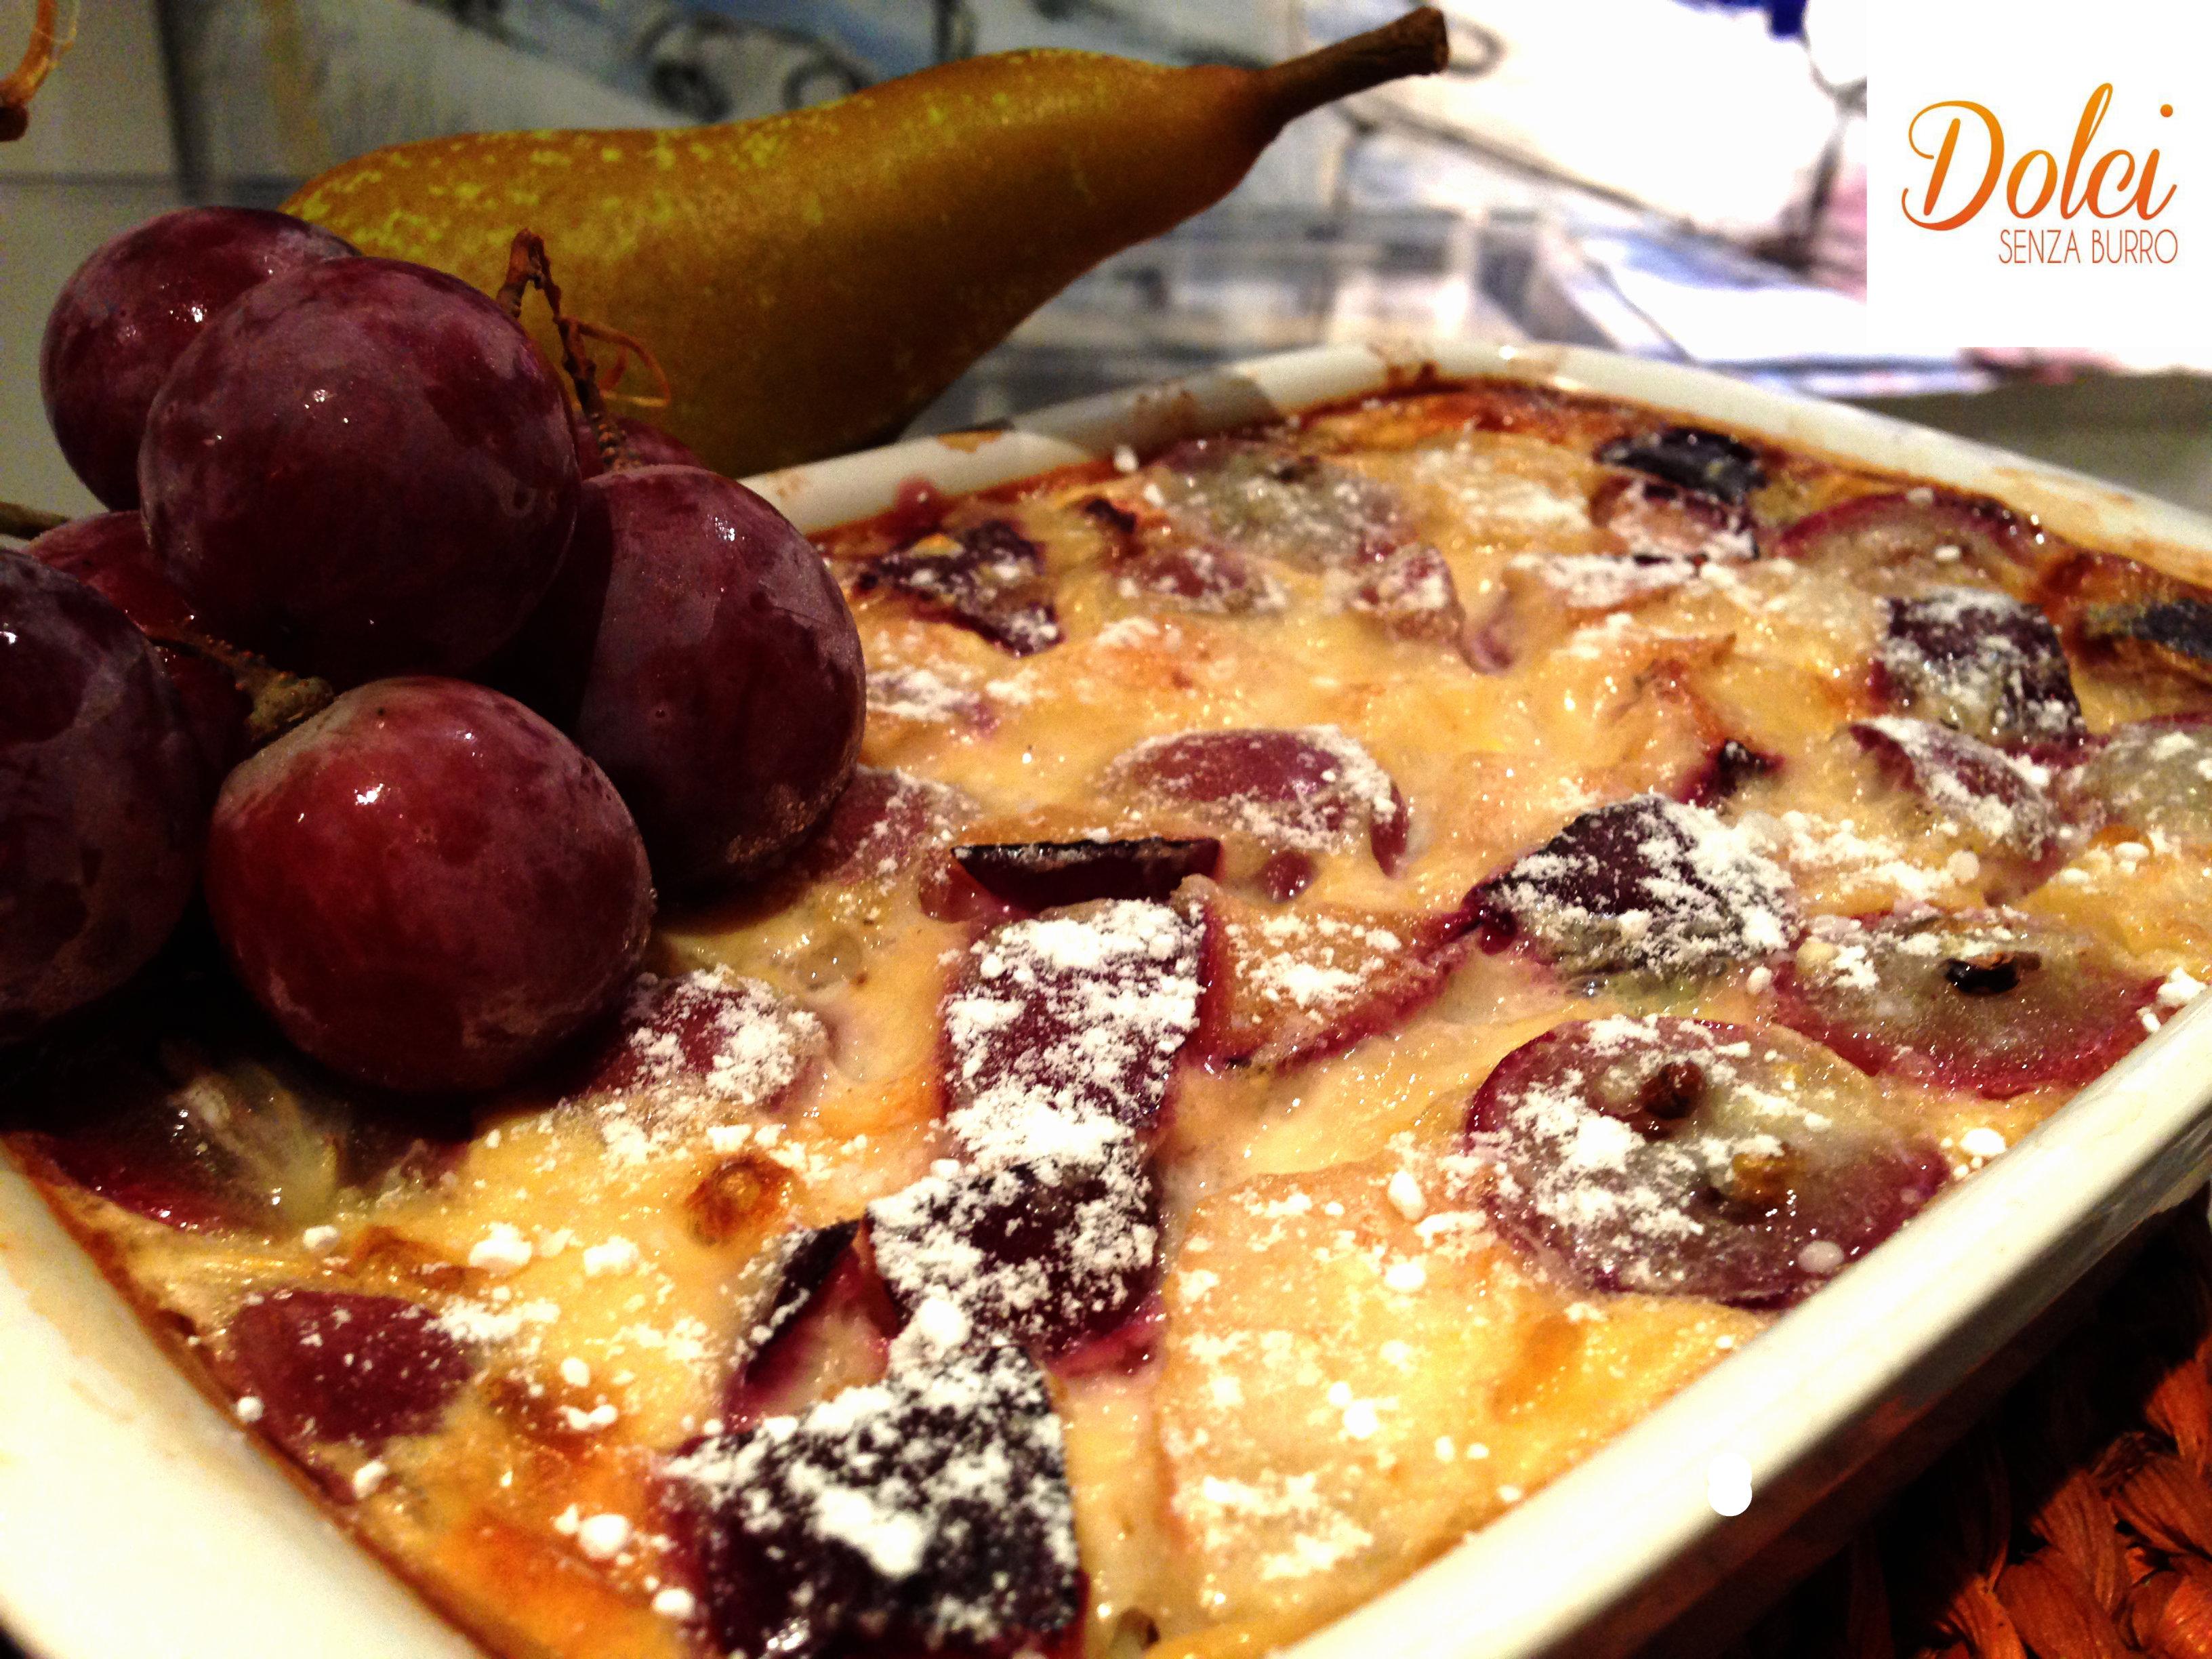 Clafoutis Senza Burro Autunnale, il dolce francese di Dolci Senza Burro